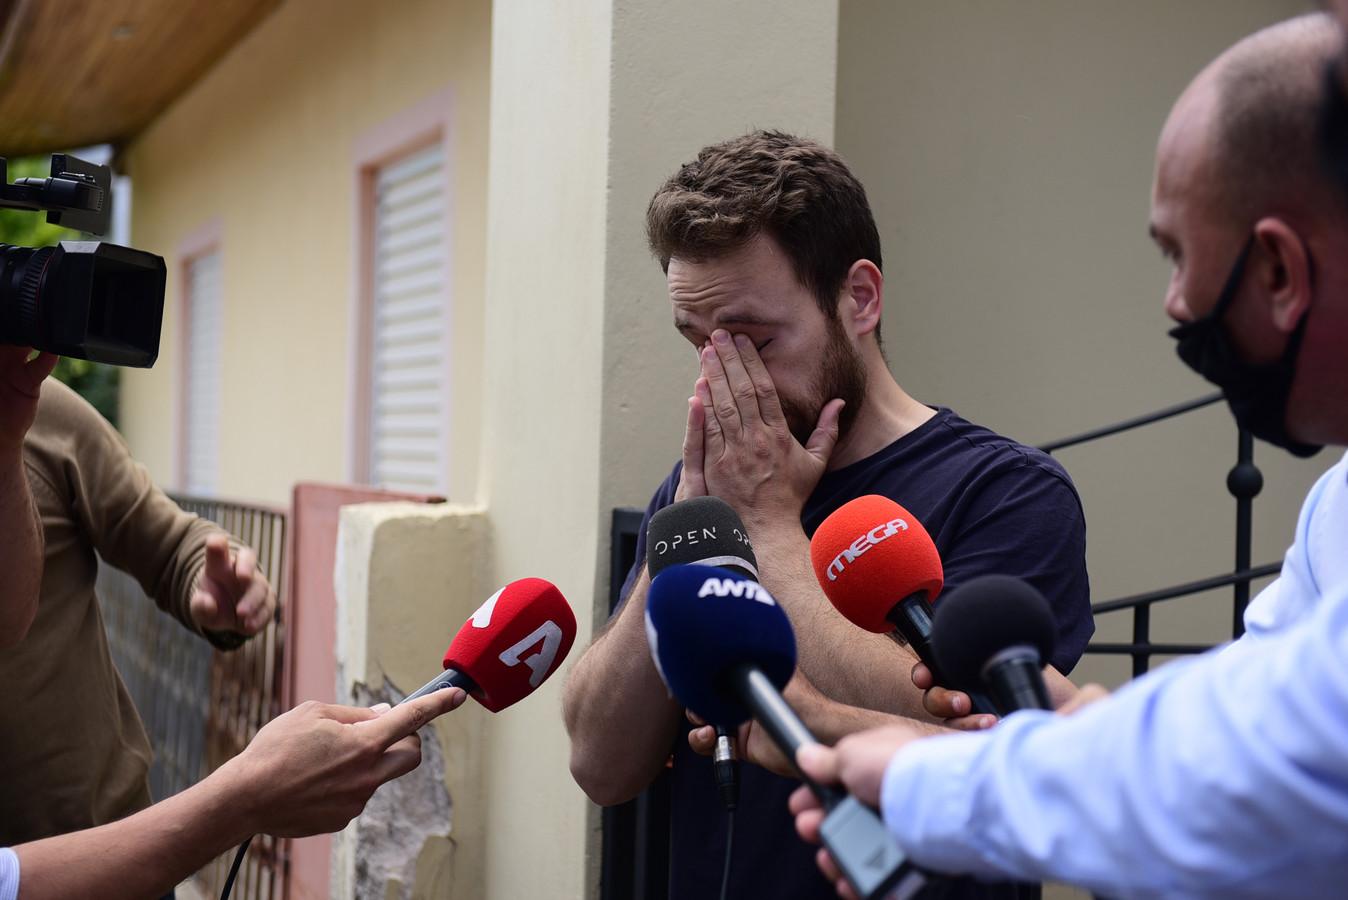 Babis Anagnostopoulos bij een interview met de media na de moord op zijn echtgenoot Caroline Crouch. Hij is nu zelf gearresteerd voor de moord op zijn vrouw.